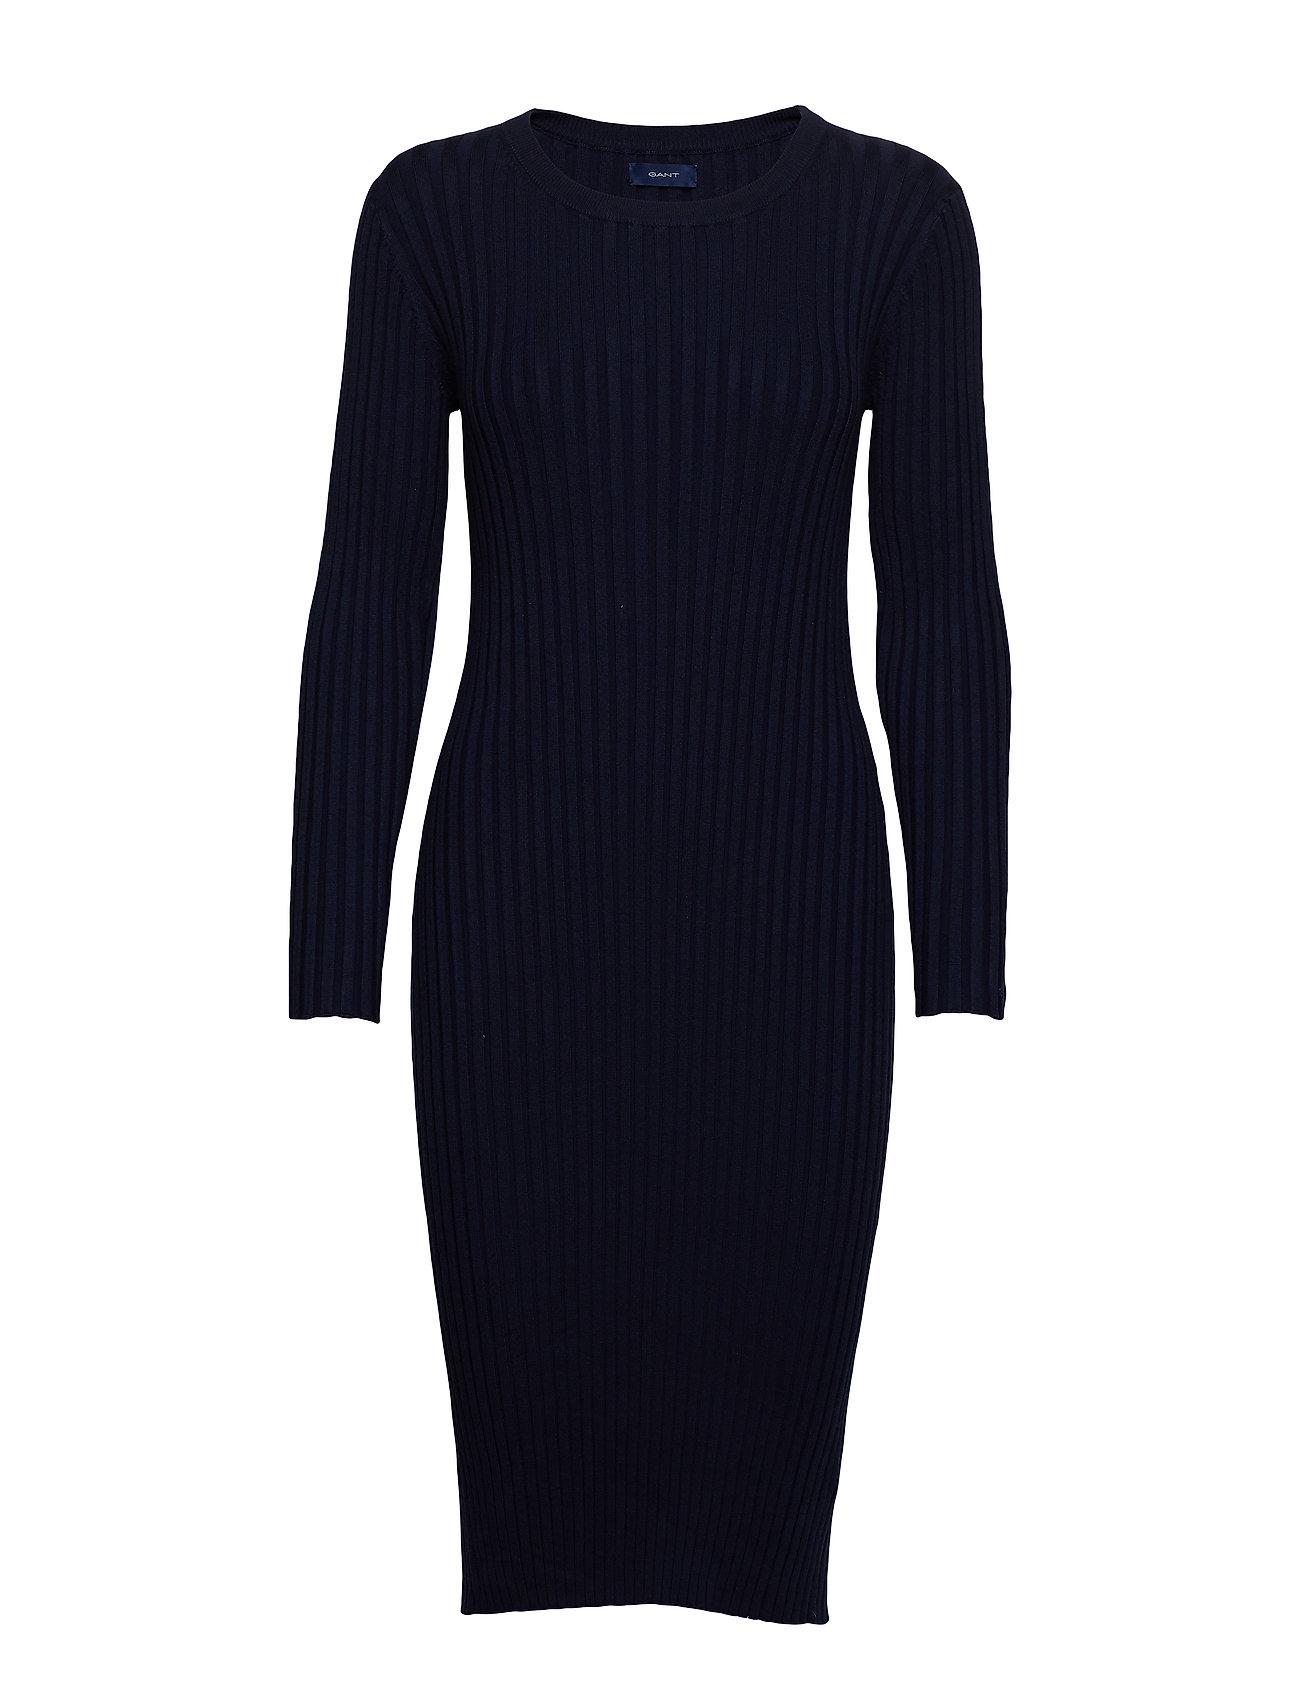 Image of D1. Rib Knitted Dress Knælang Kjole Blå Gant (3406198959)